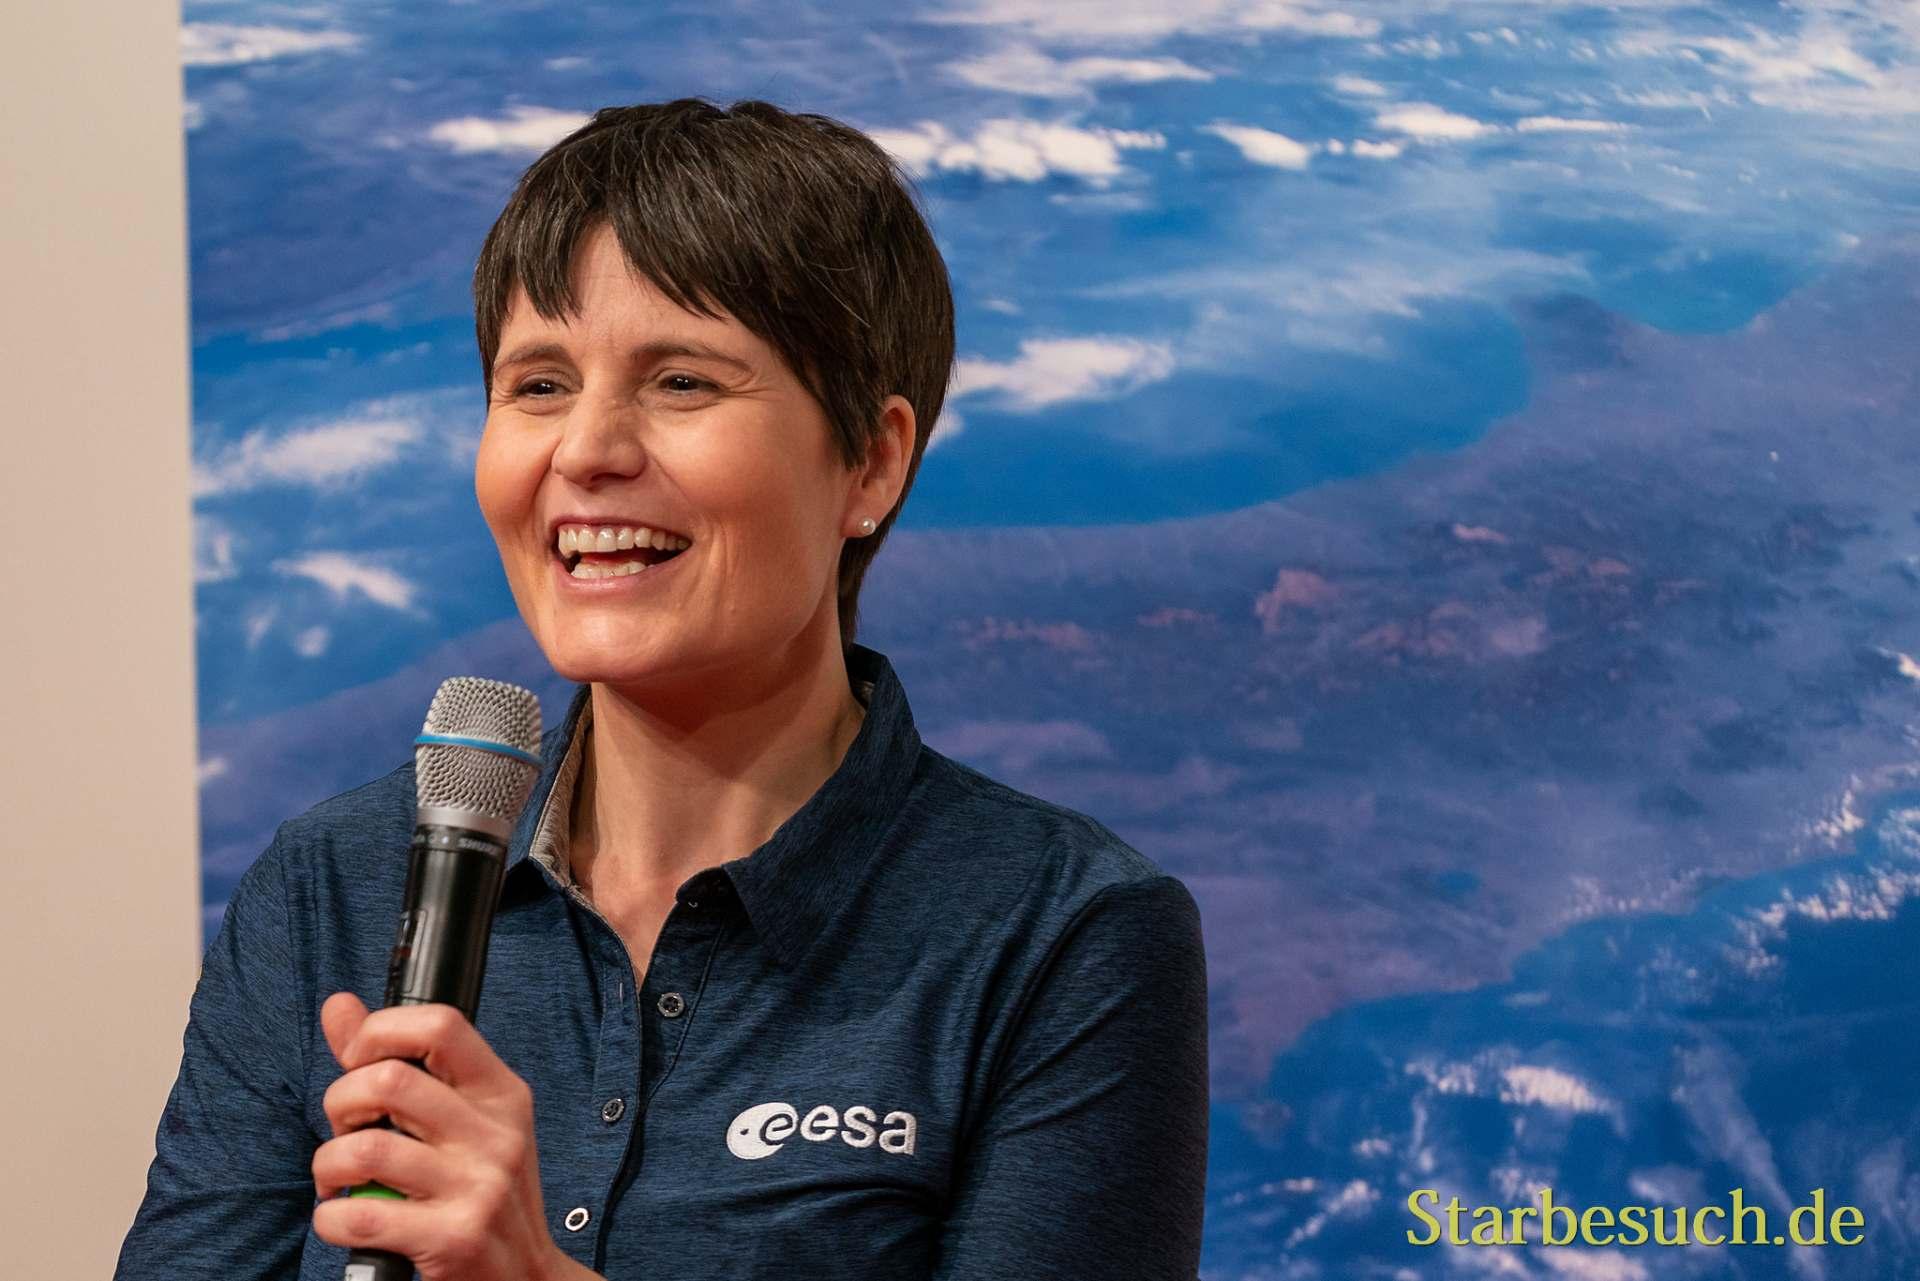 Astronautin Samantha Cristoforetti erzählt von ihren Erfahrungen auf der ISS und beantwortet Fragen aus dem Publikum